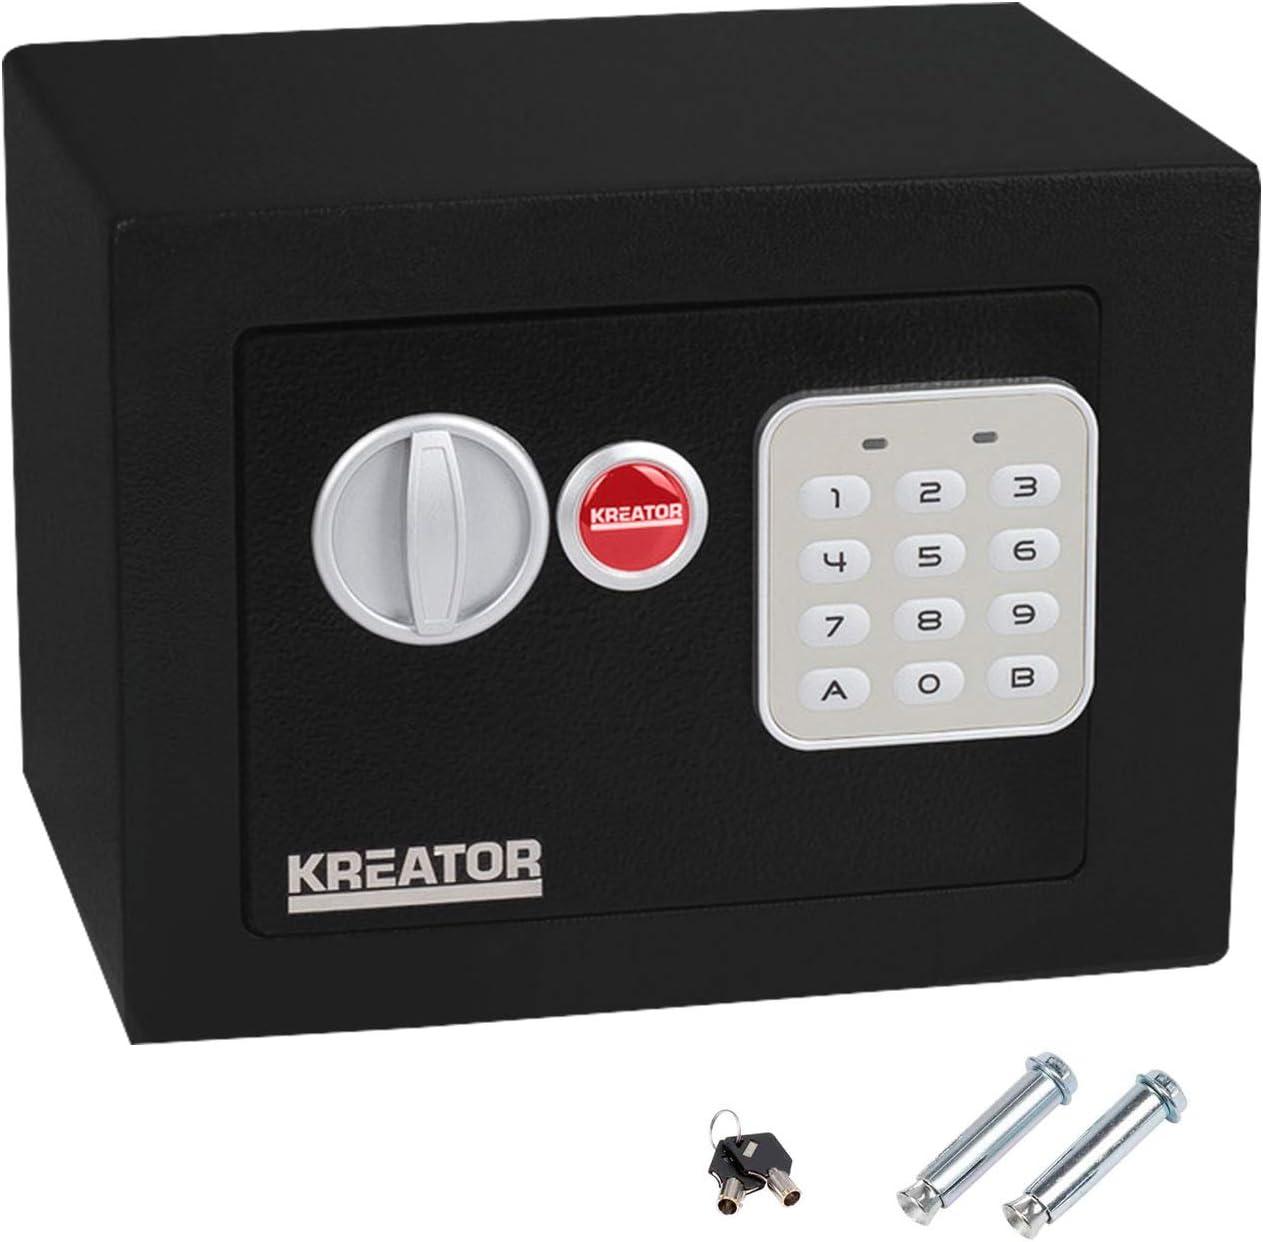 KREATOR KRT692007 KRT692007-Caja Fuerte electr/ónica Mini 170x230x170mm